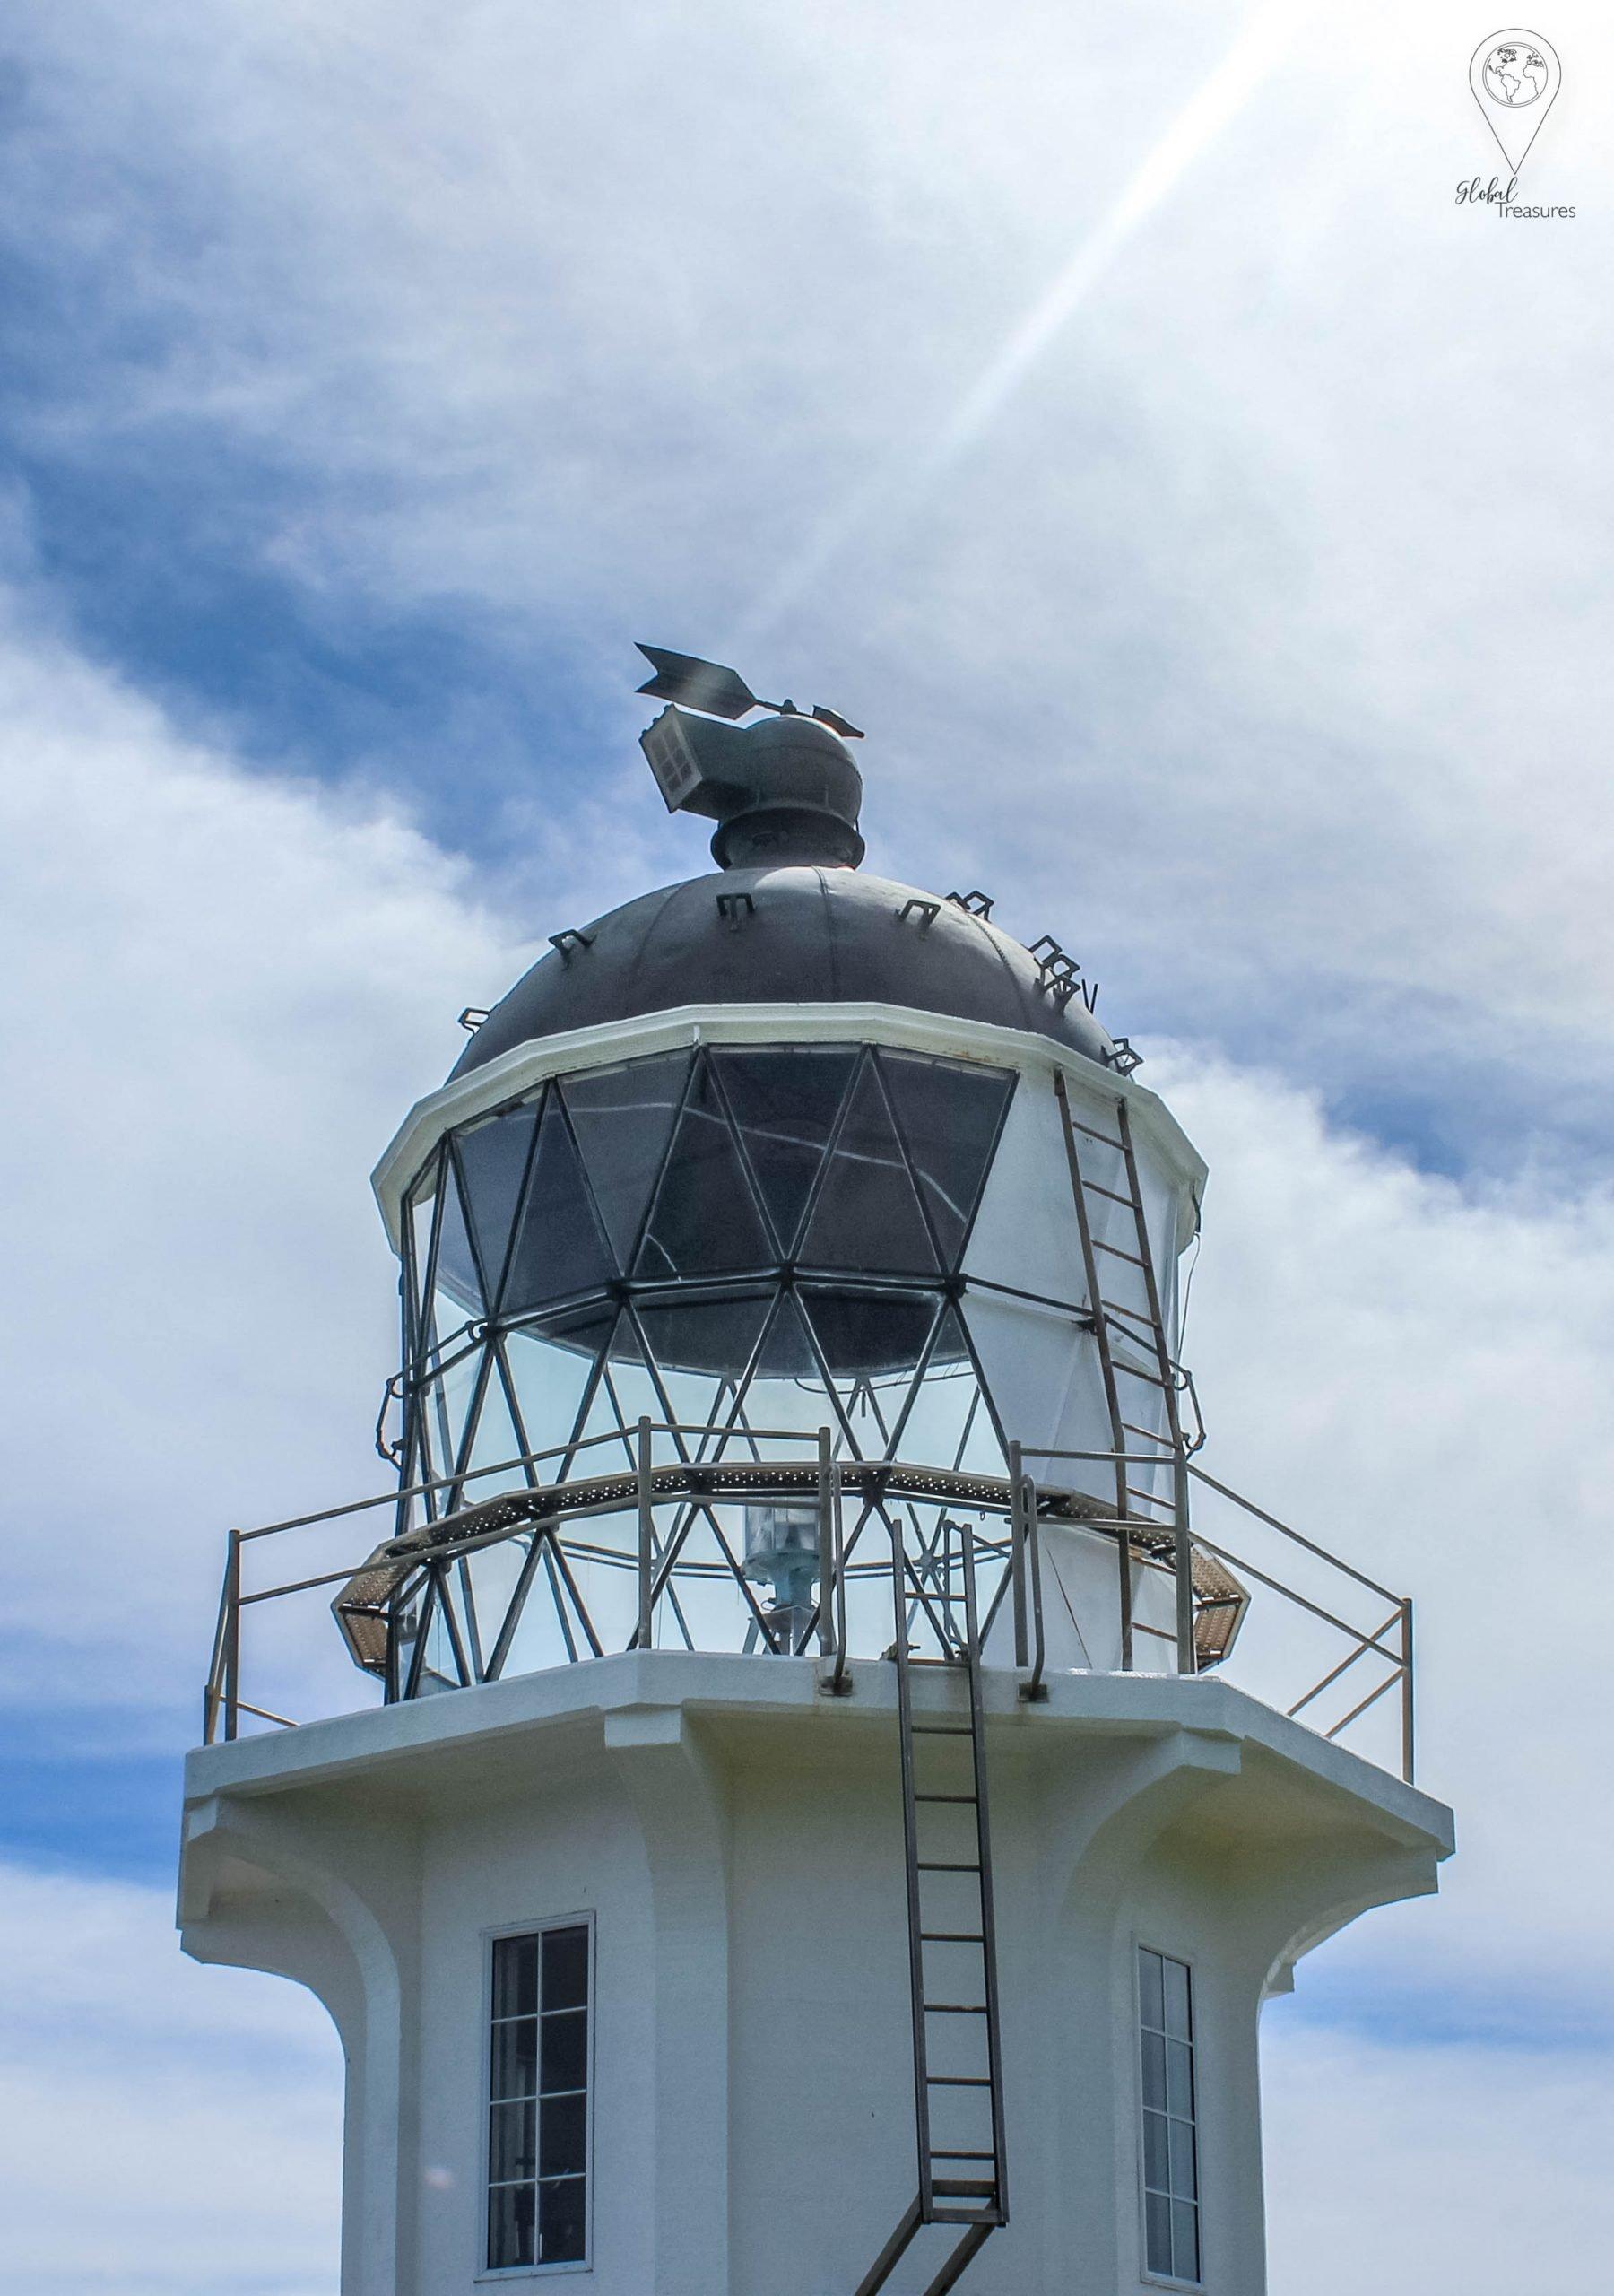 Cape Reinga Tour - Nieuw-Zeeland   Global-Treasures.com